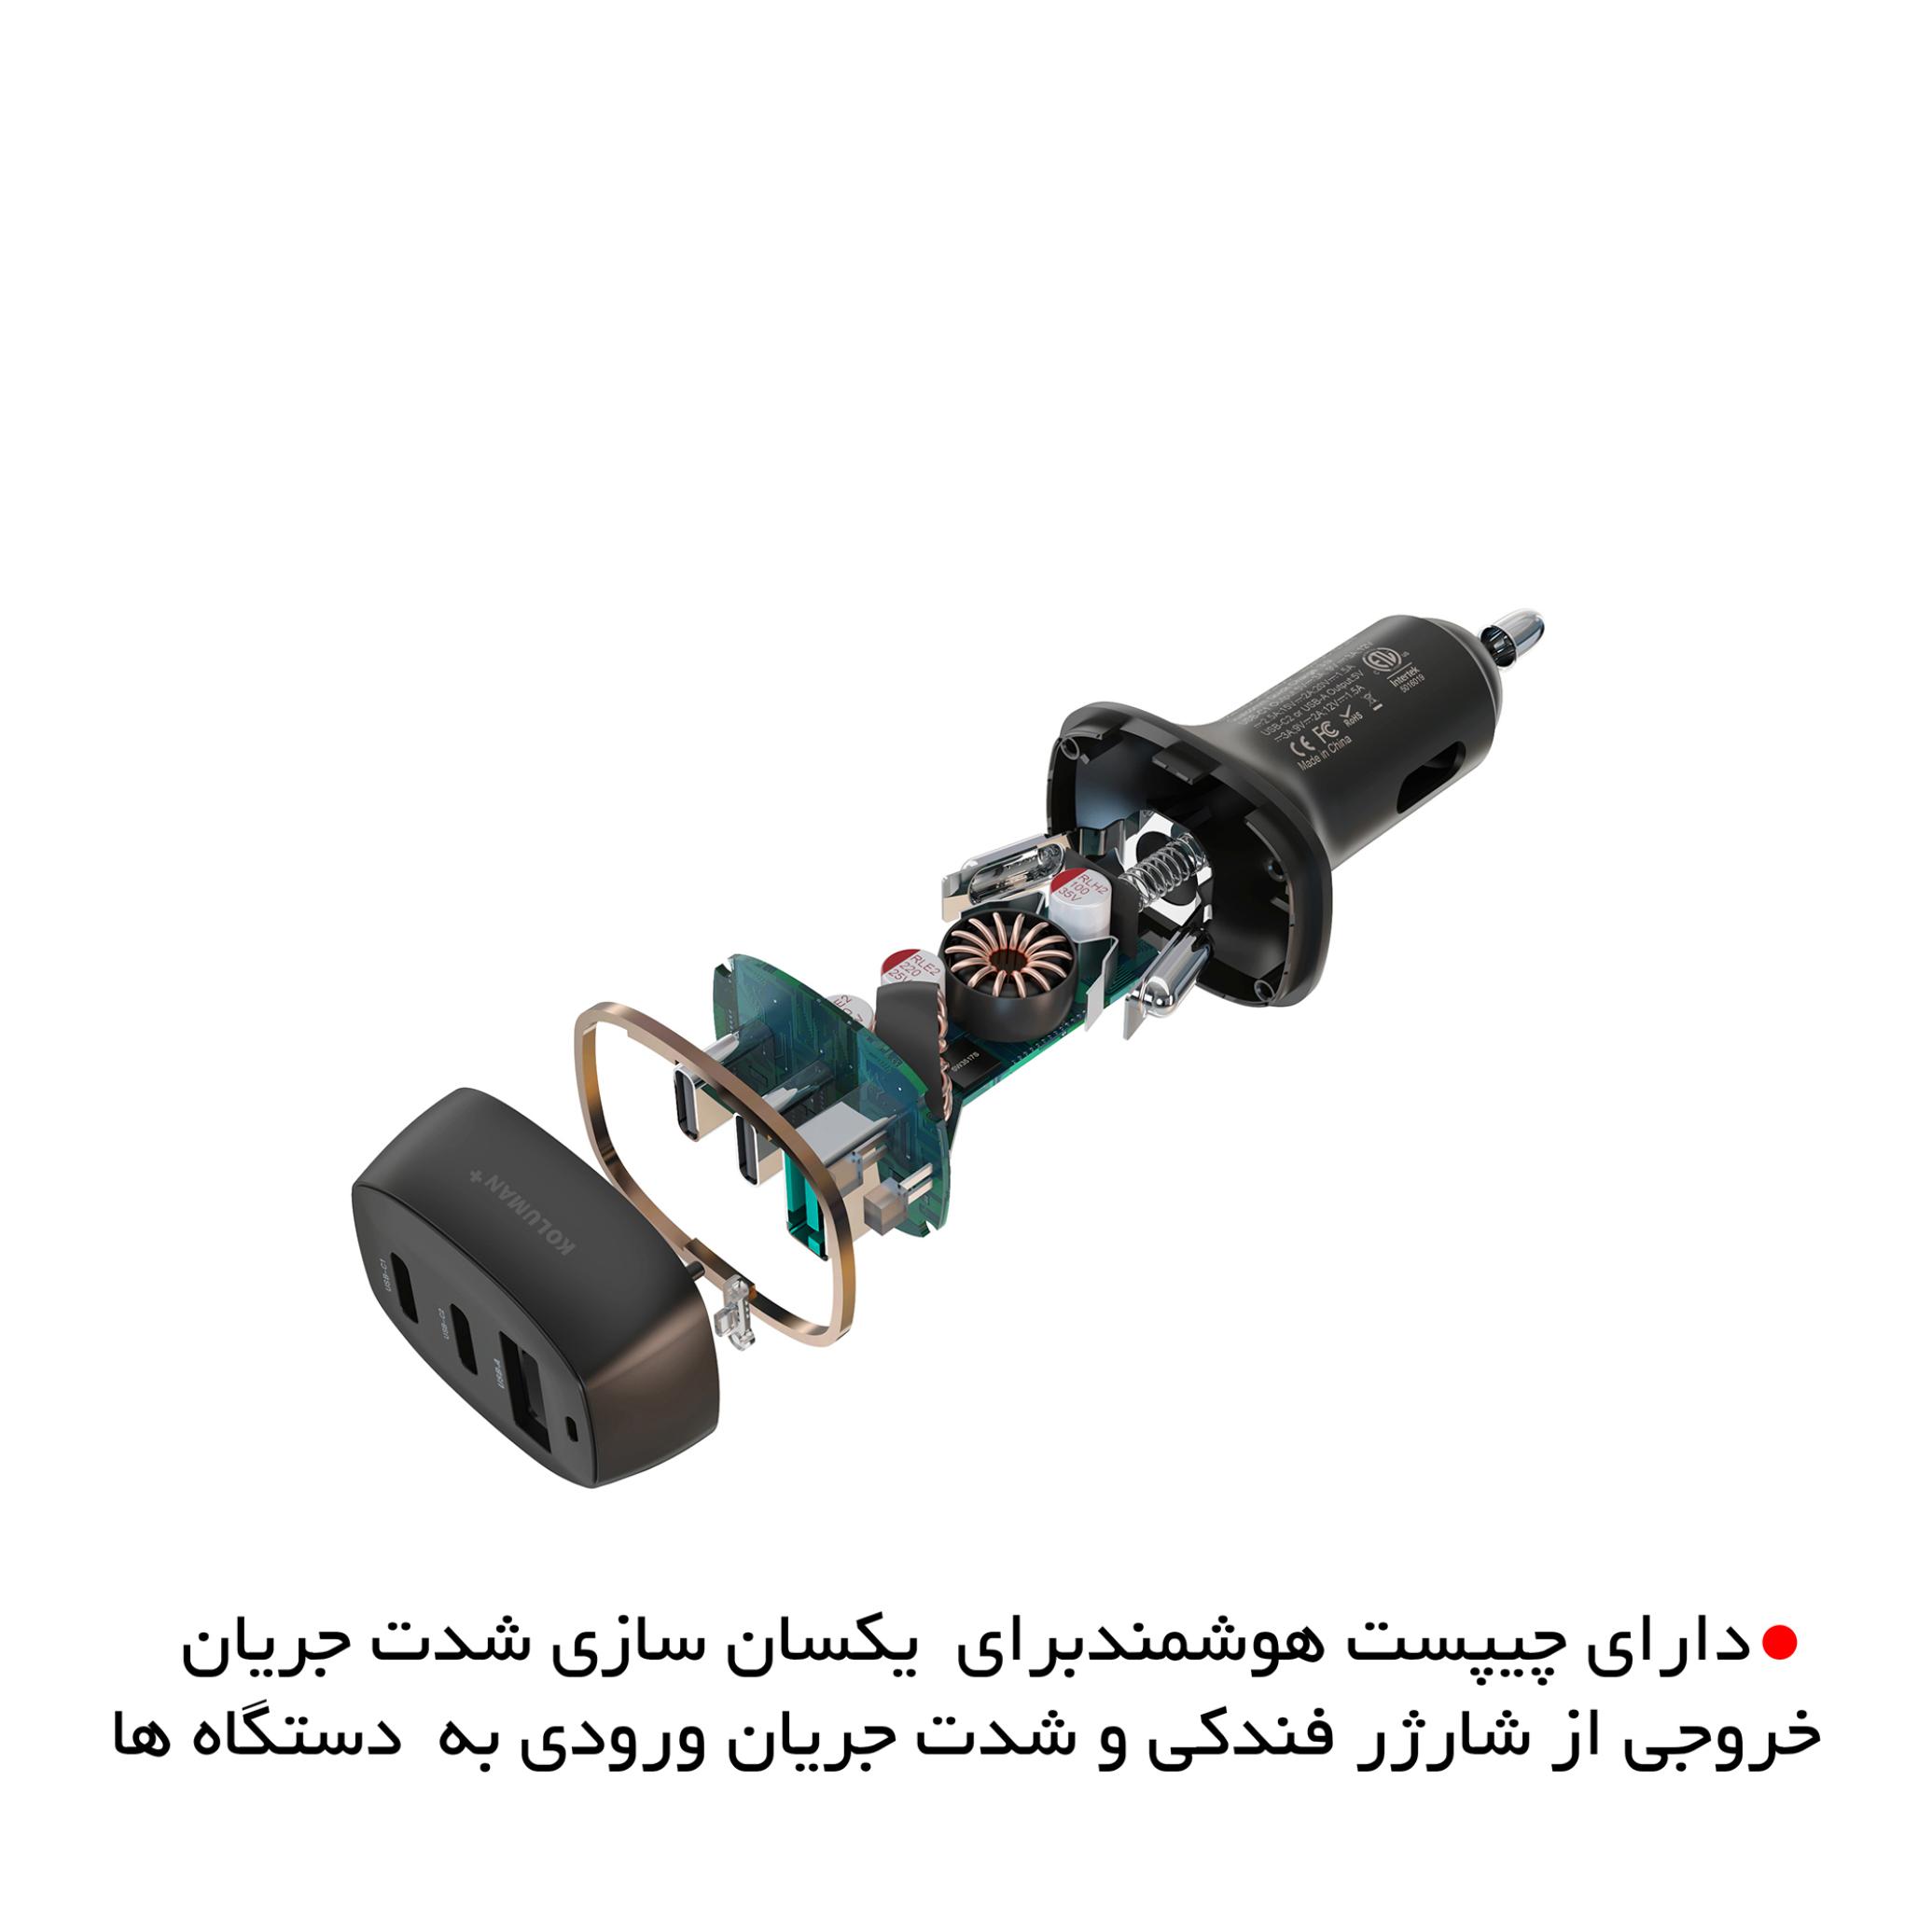 شارژر فندکی کلومن پلاس مدل G48CCA به همراه تکنولوژی شارژ سریع